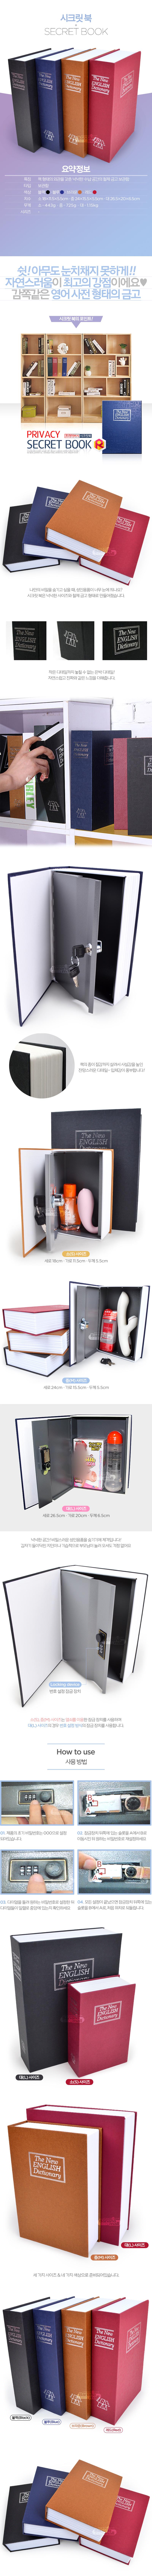 [안심잠금] 시크릿 북 SECRET BOOK (비밀상자) (JBG)